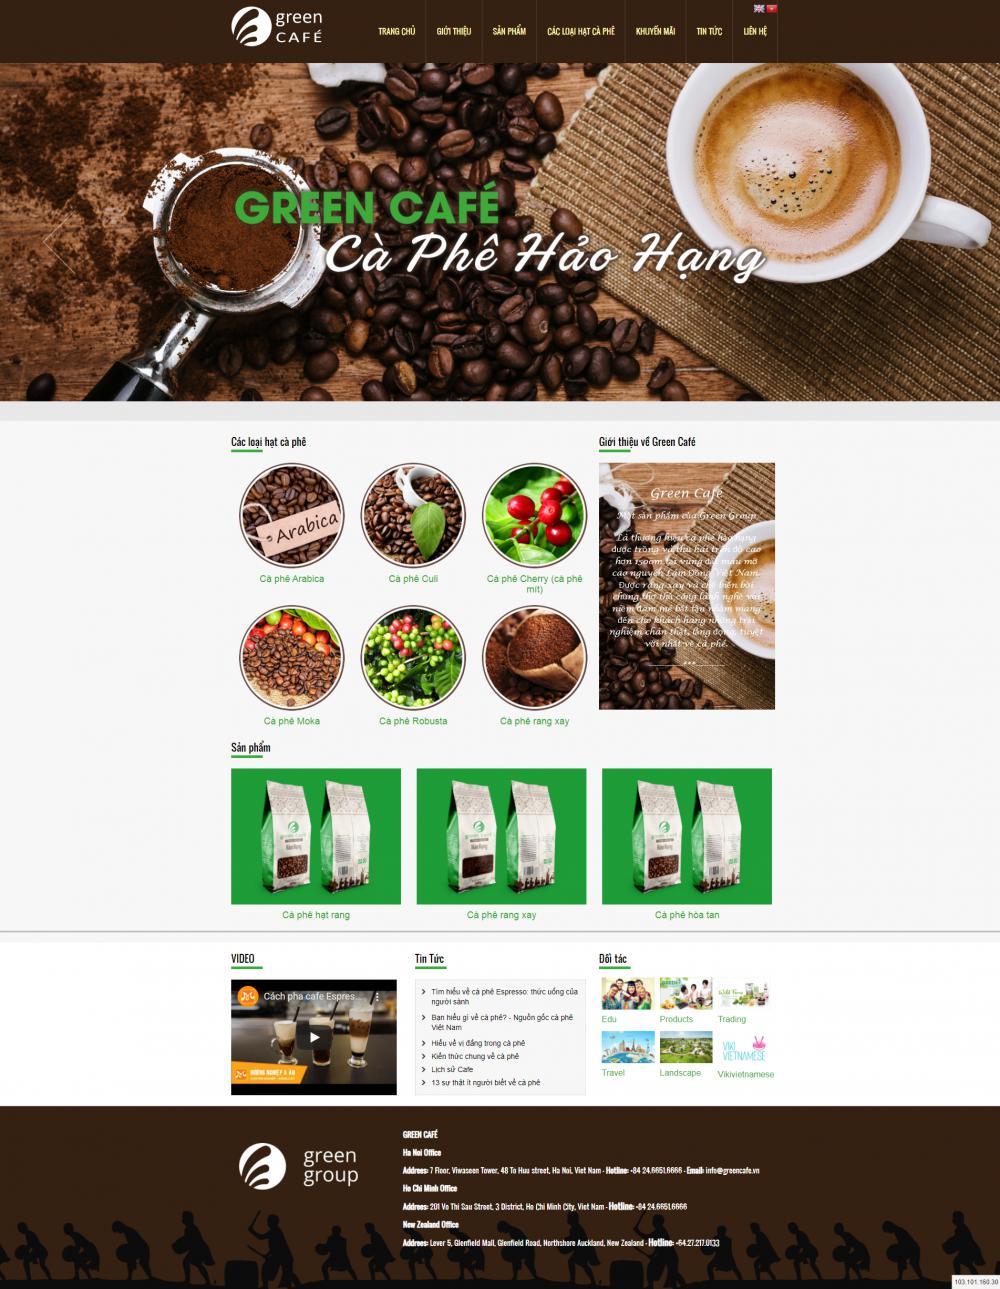 greencafe.vn